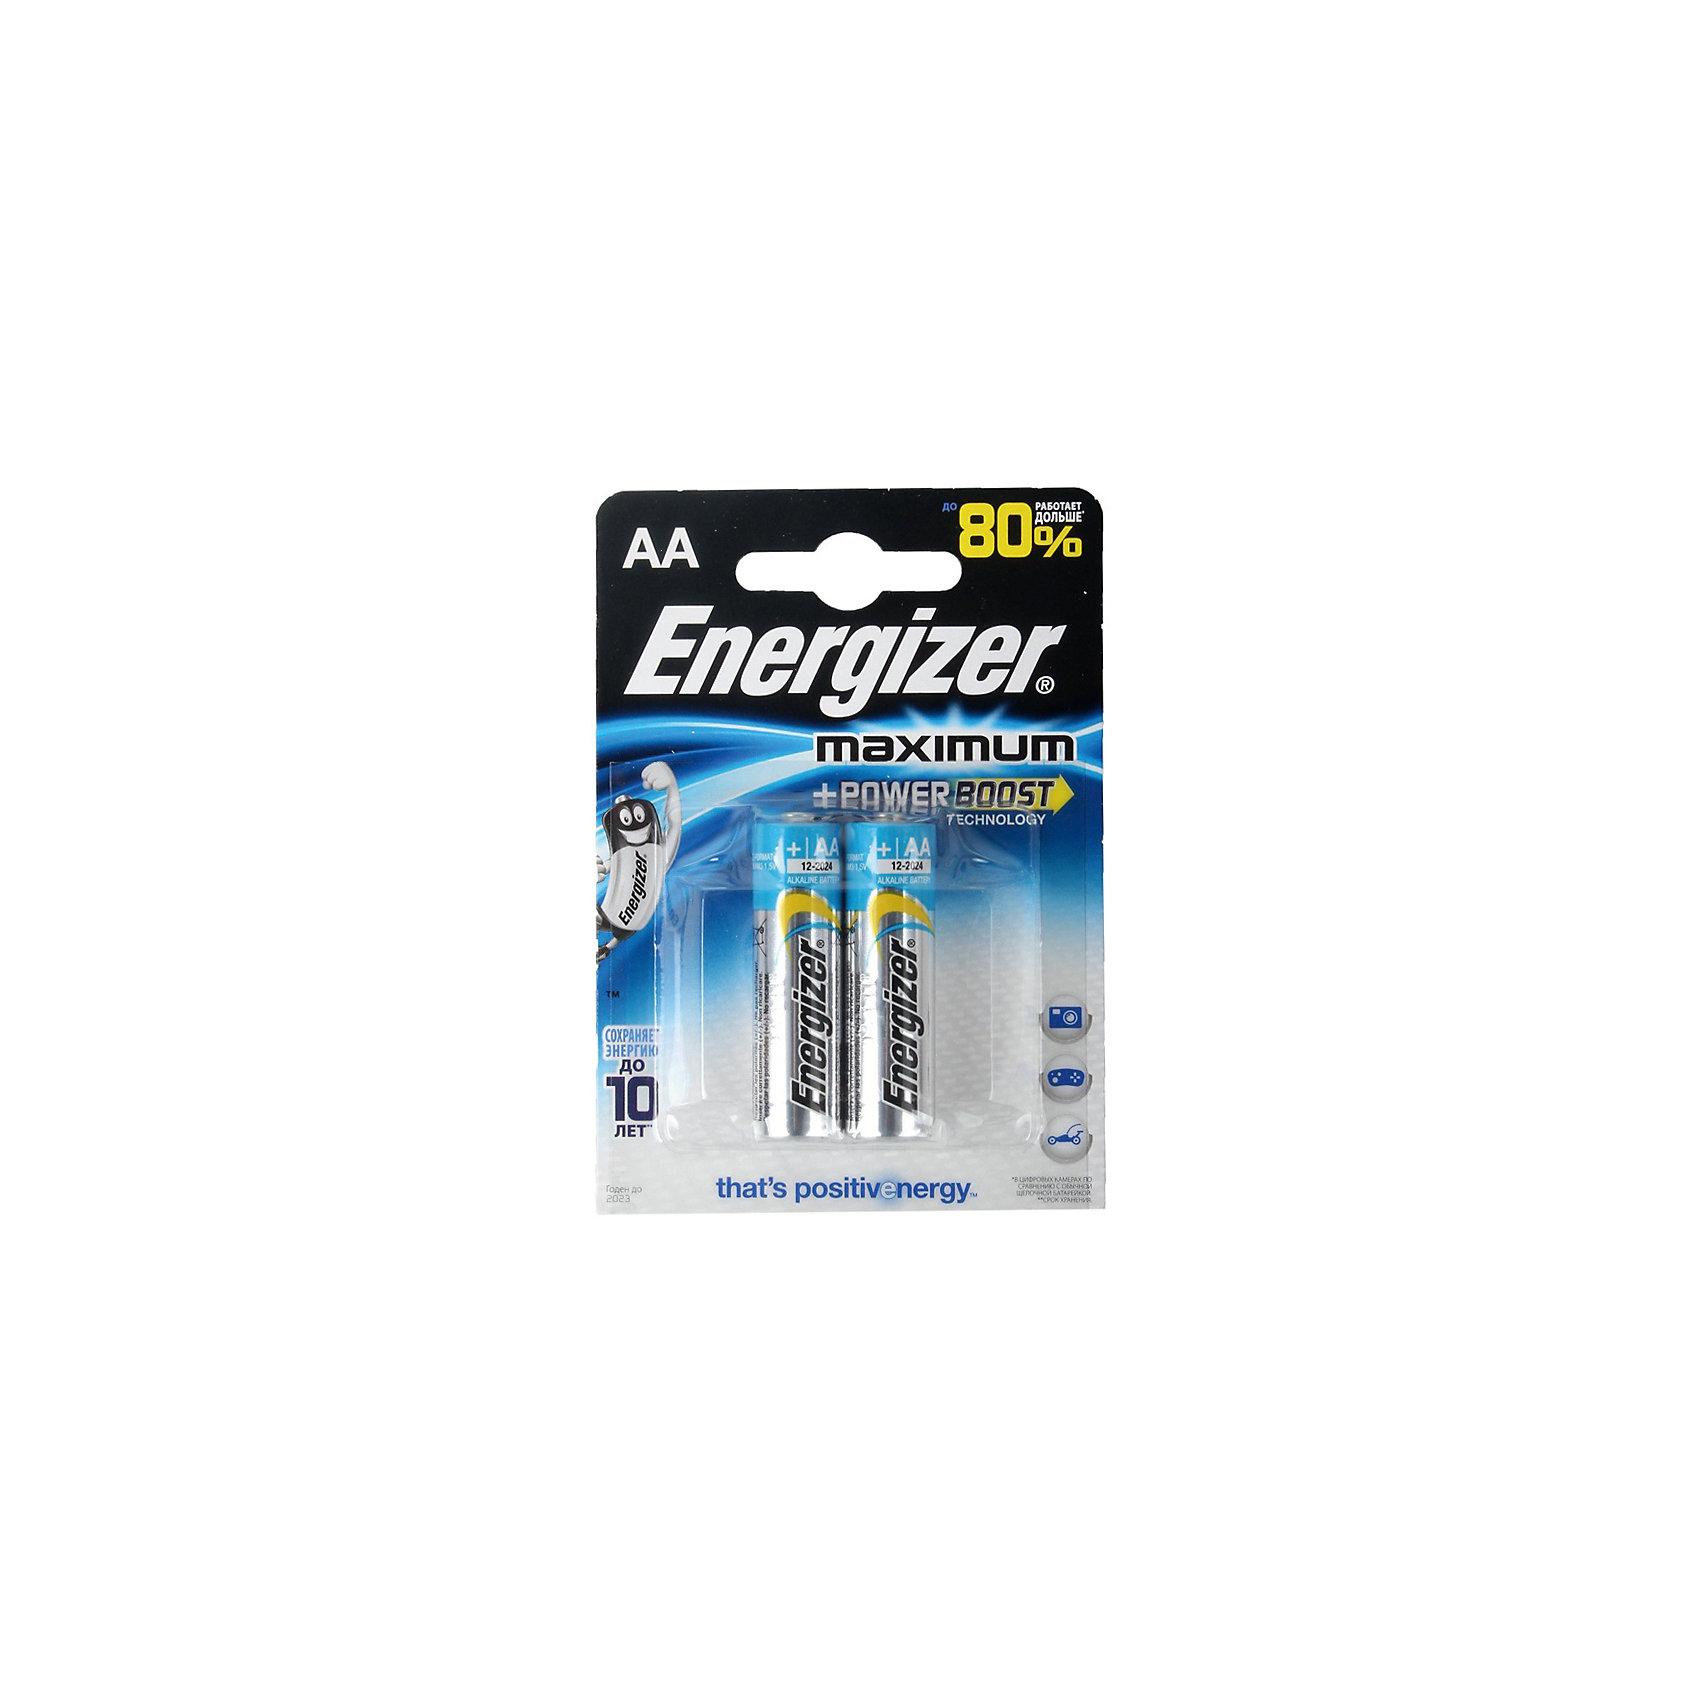 Батарейка Energizer MAX LR6/E91 AA 2 штБатарейки Energizer Maximum с технологией PowerBoost - самые долговечные батарейки в семействе щелочных батареек Energizer (Энерджайзер). Они работают до 80% дольше, чем стандартные щелочные батарейки, идеальны для часто используемых устройств. Сохраняют заряд до 10 лет. Устанавливаются в цифровые камеры, плееры, игровые приставки и другие приборы повседневного использования.<br><br>Дополнительная информация:<br><br>В упаковке 2 батарейки<br>Тип: АА (LR6/E91)<br><br>Батарейки Energizer MAX LR6/E91 AA 2 шт можно купить в нашем магазине.<br><br>Ширина мм: 90<br>Глубина мм: 70<br>Высота мм: 20<br>Вес г: 32<br>Возраст от месяцев: 36<br>Возраст до месяцев: 2147483647<br>Пол: Унисекс<br>Возраст: Детский<br>SKU: 4648792